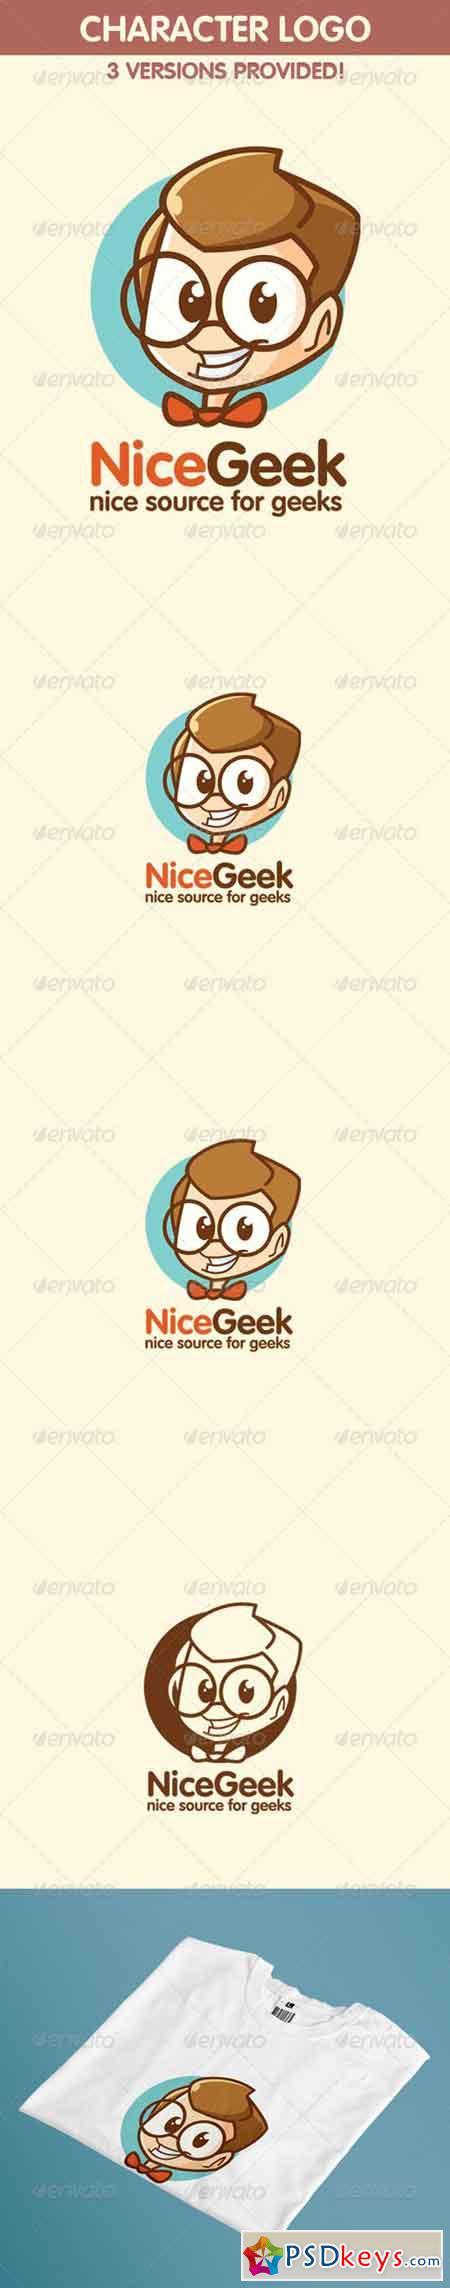 Geek Logo - Nice Geek or Nerd Logo 5497916